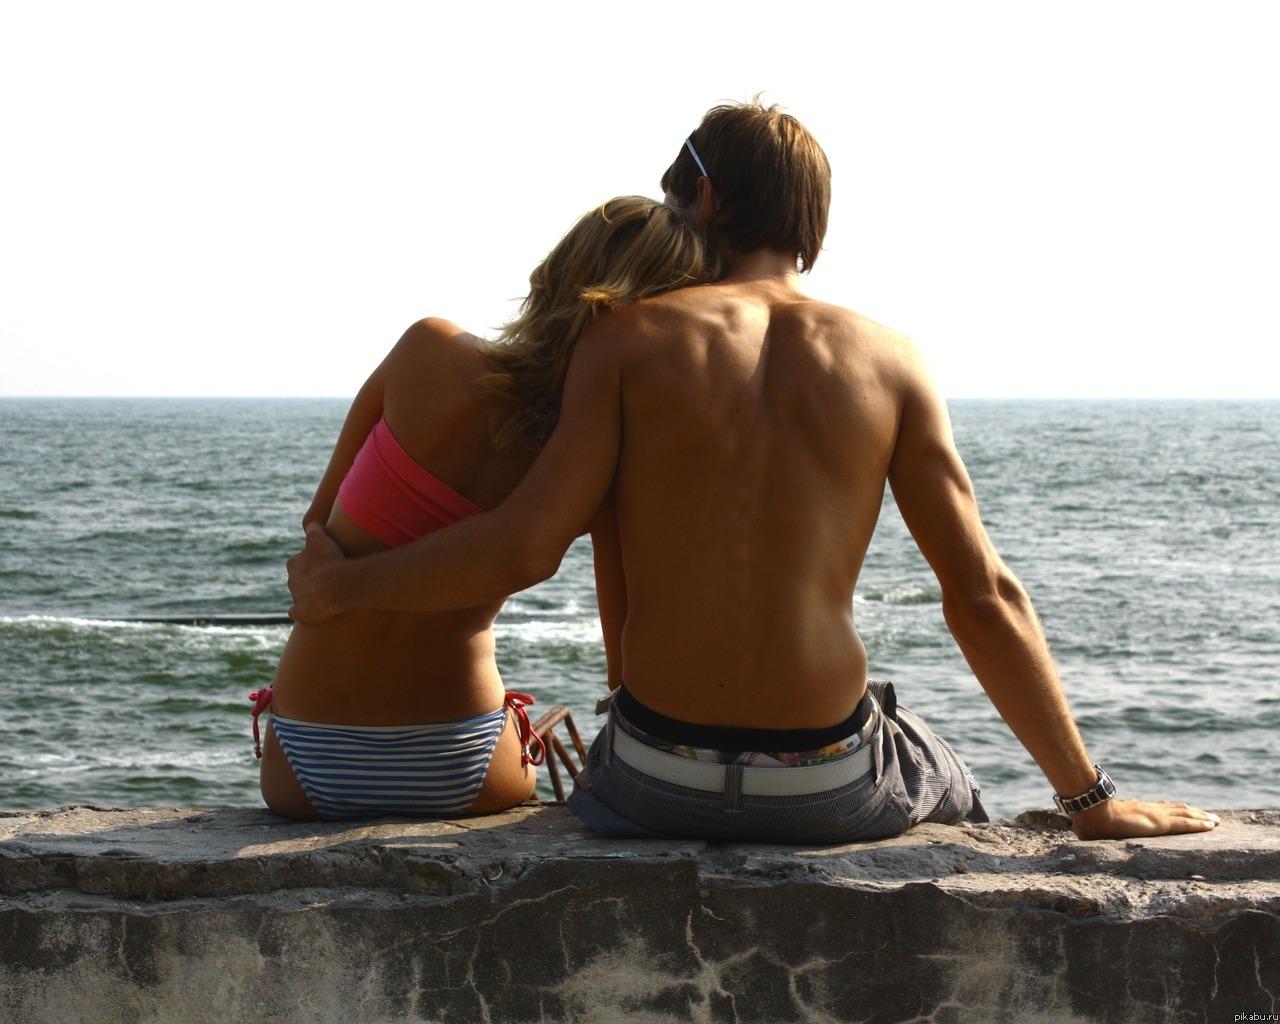 Фото блондинок на пляже с мужчиной